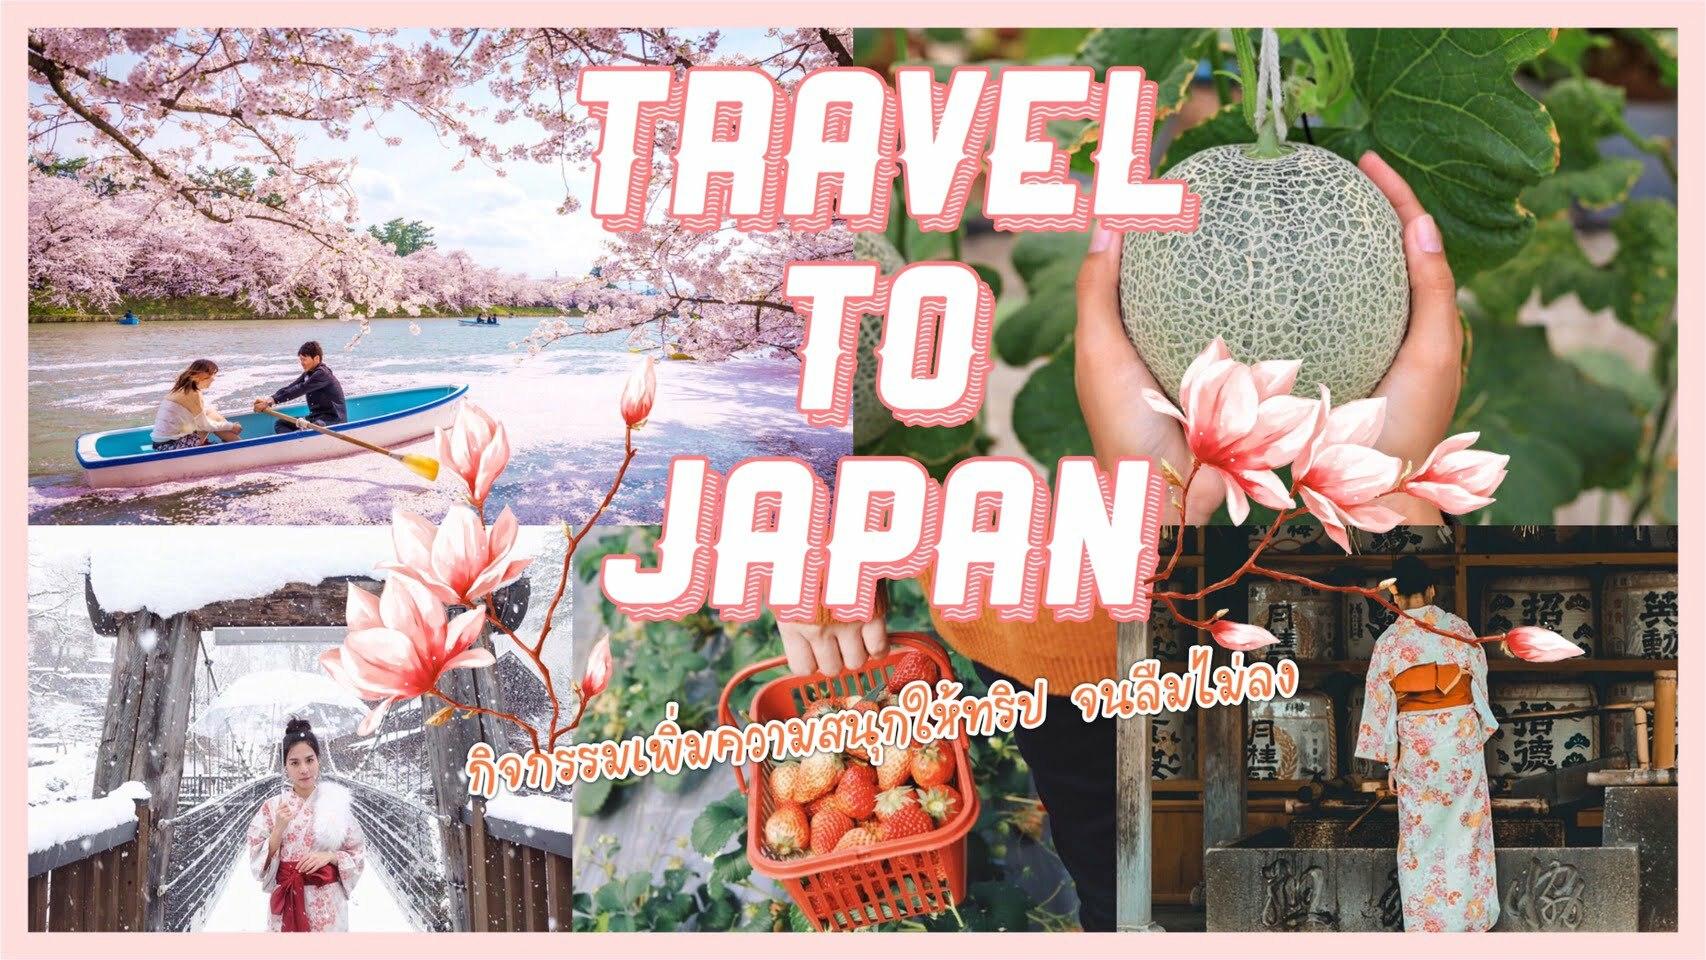 ทัวร์ญี่ปุ่น – ไปเที่ยวญี่ปุ่นทั้งที ทำอะไรดี แบบสนุกจนลืมไม่ลง